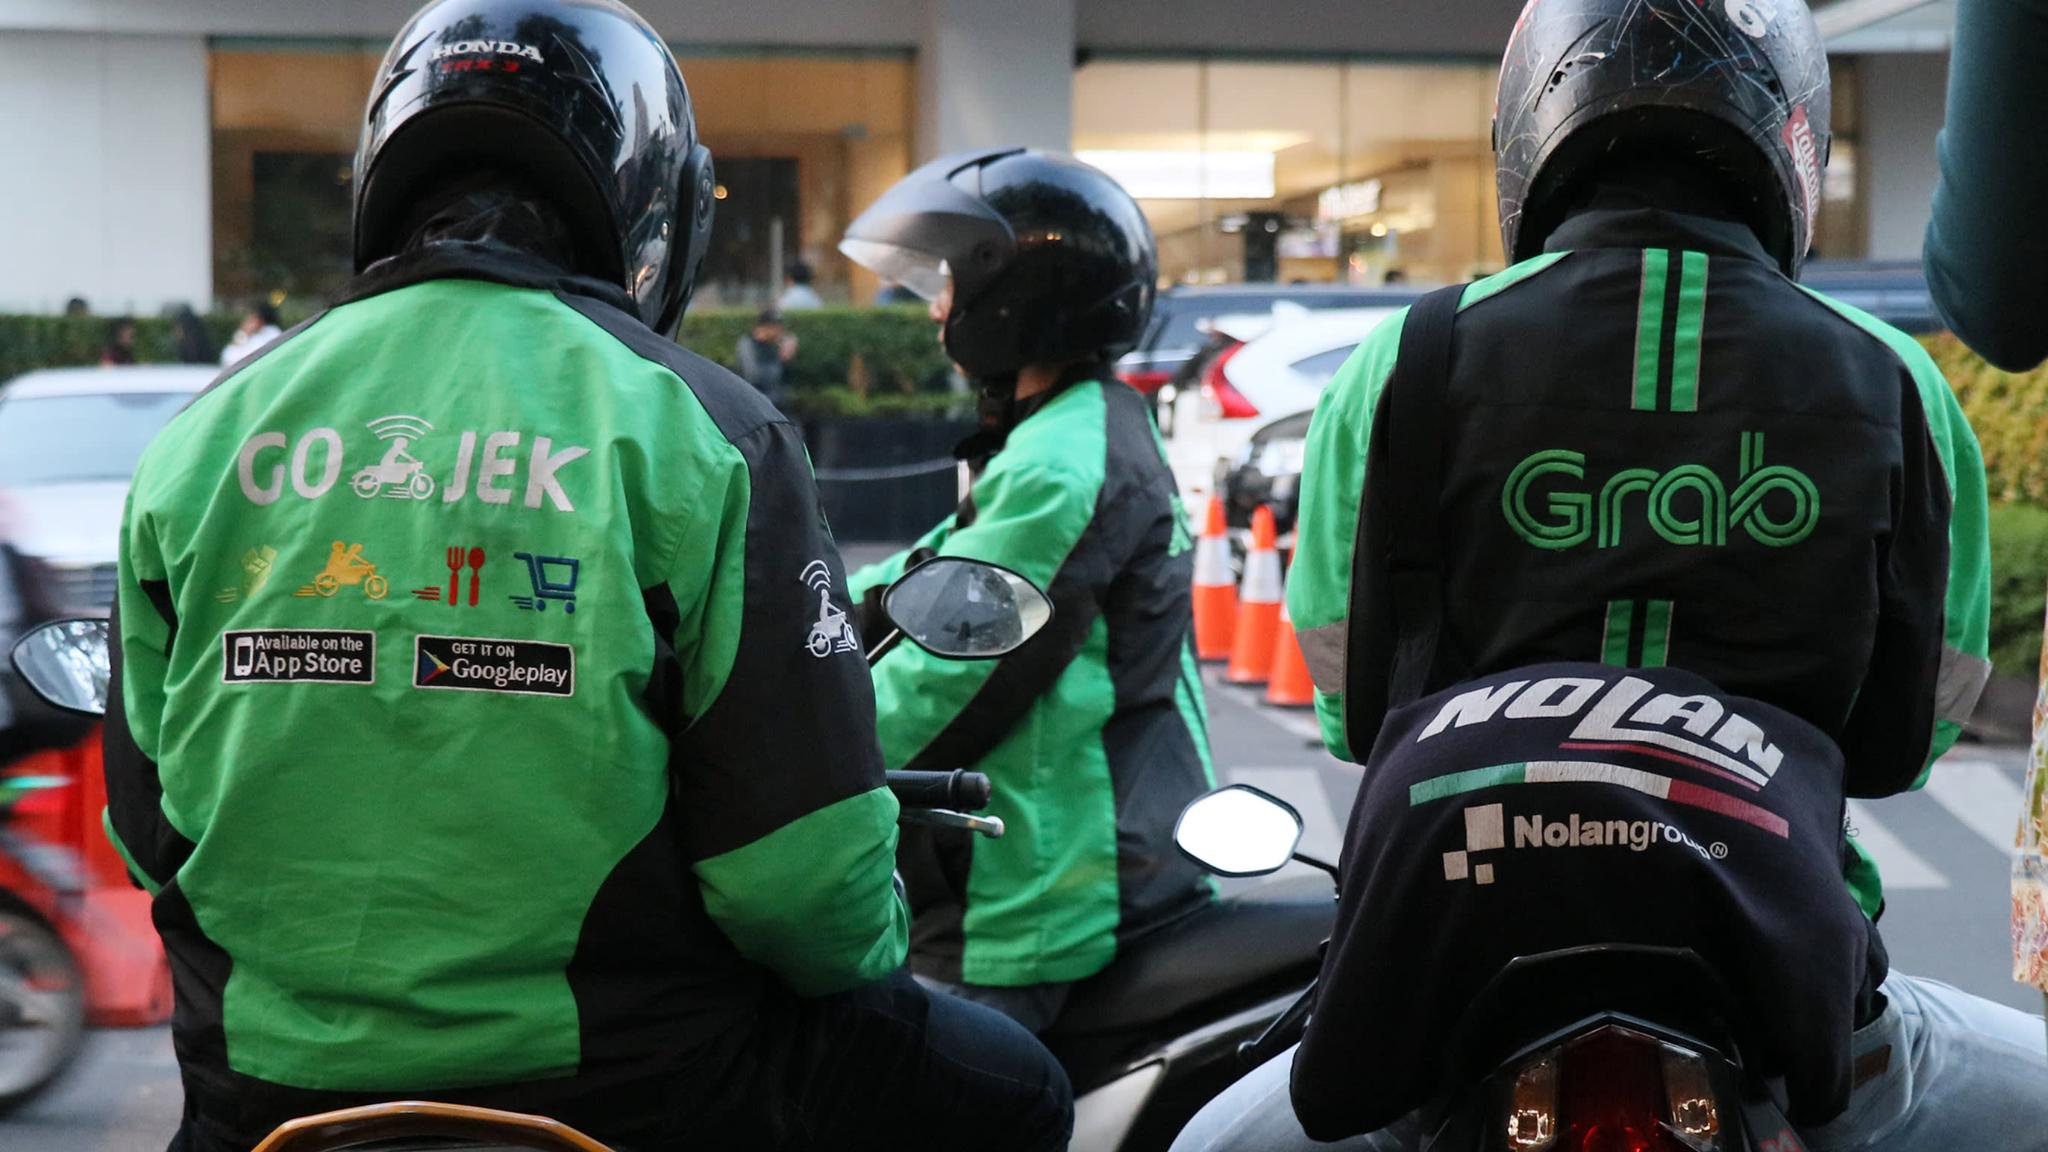 Tarif Baru Berlaku Pengguna Ojol Di Malang Terbantu Promo Malangtimes